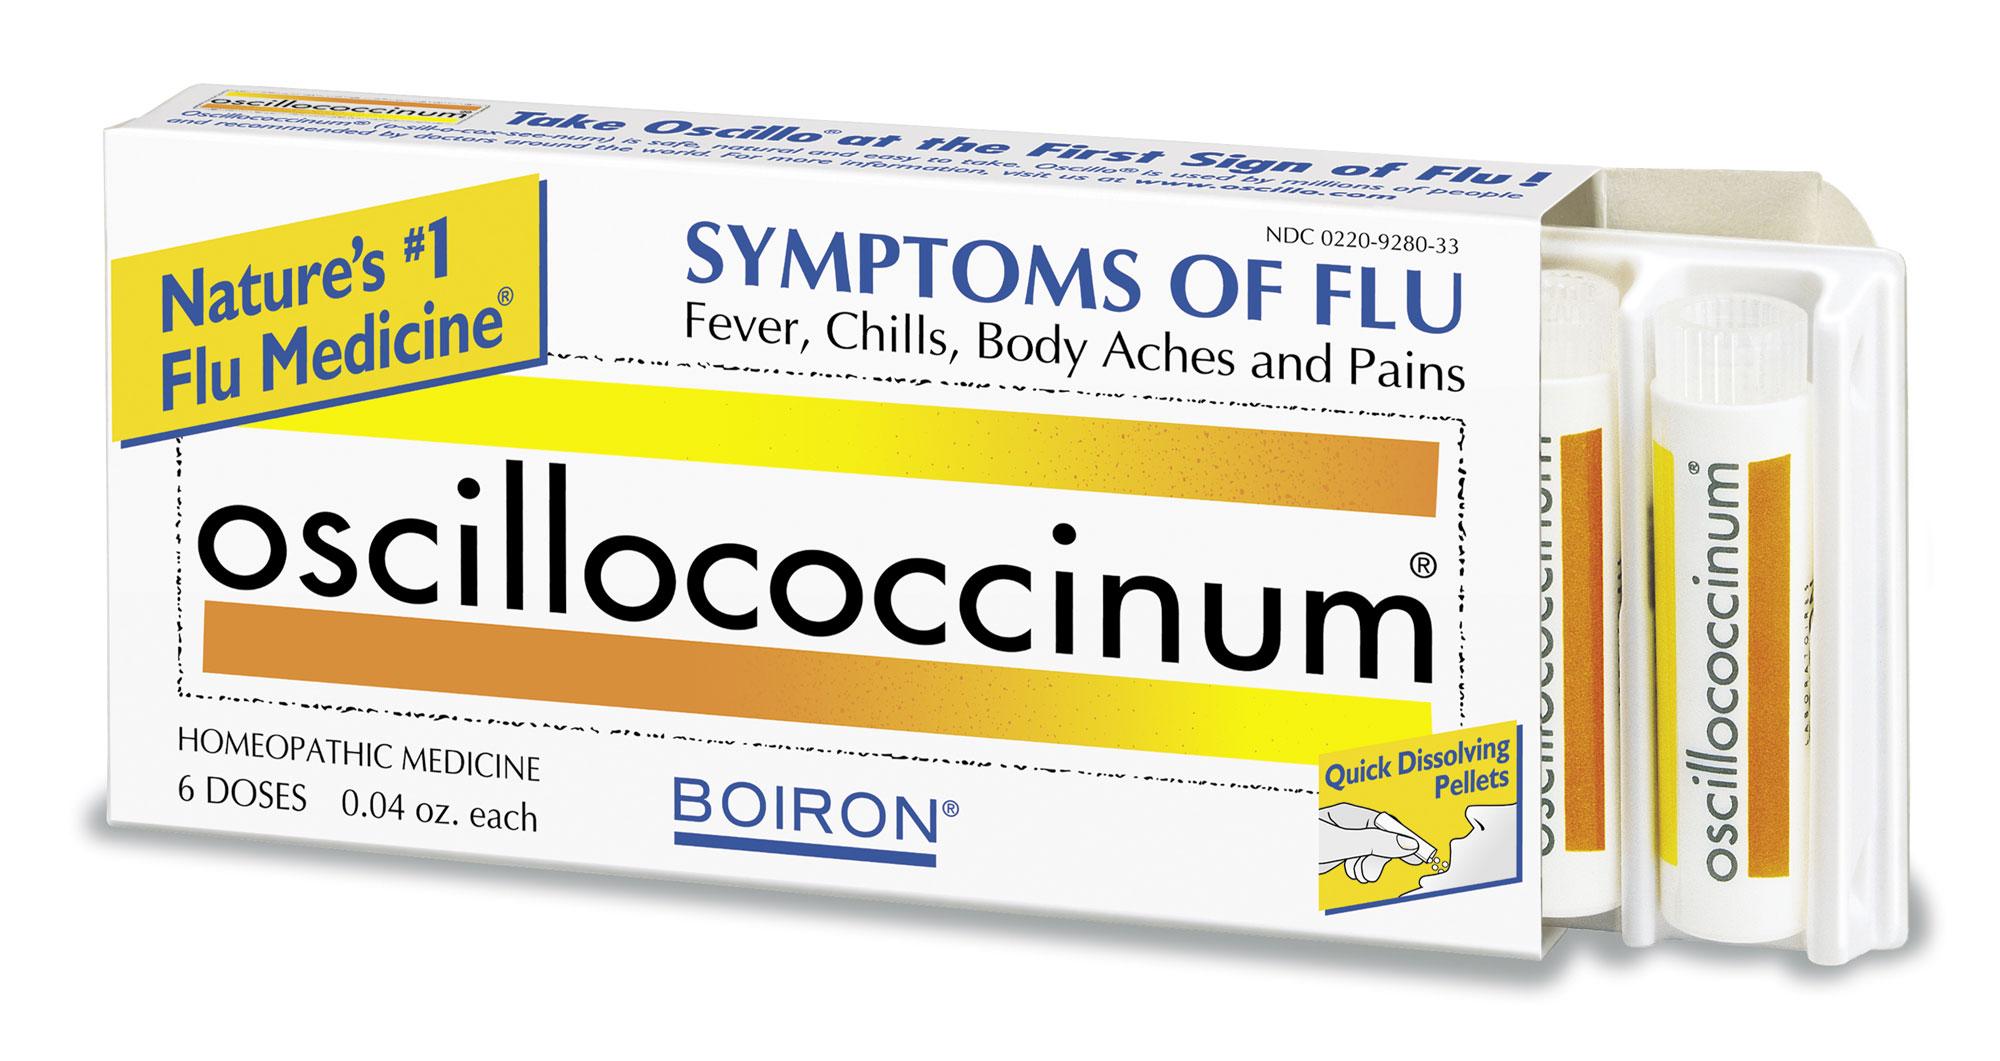 un dels placebos que es venen com a 'remei homeopàtic'